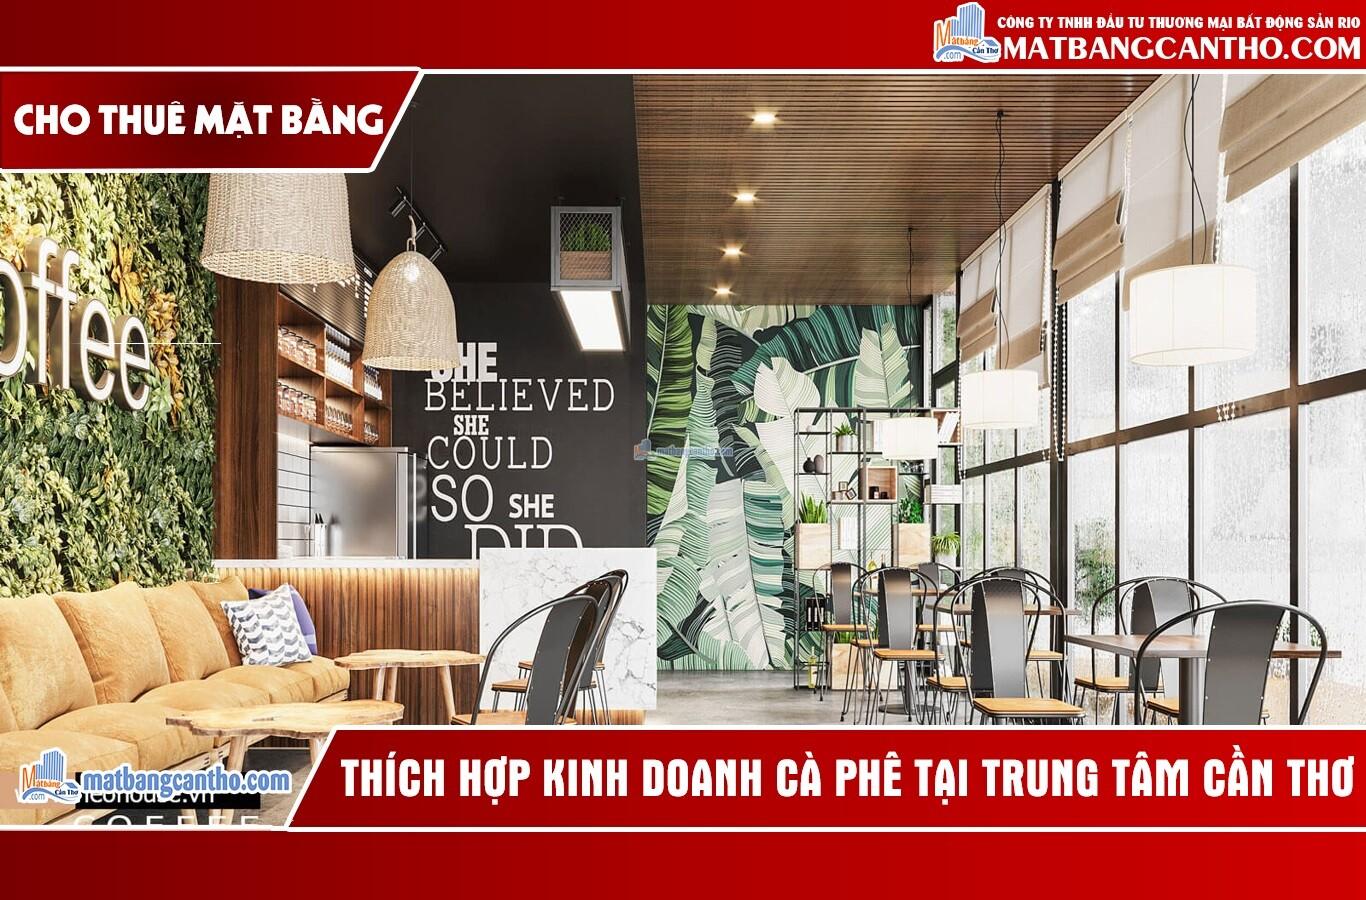 Cho thuê mặt bằng kinh doanh Cafe Ninh Kiều – Cần Thơ – Tháng 3/2021